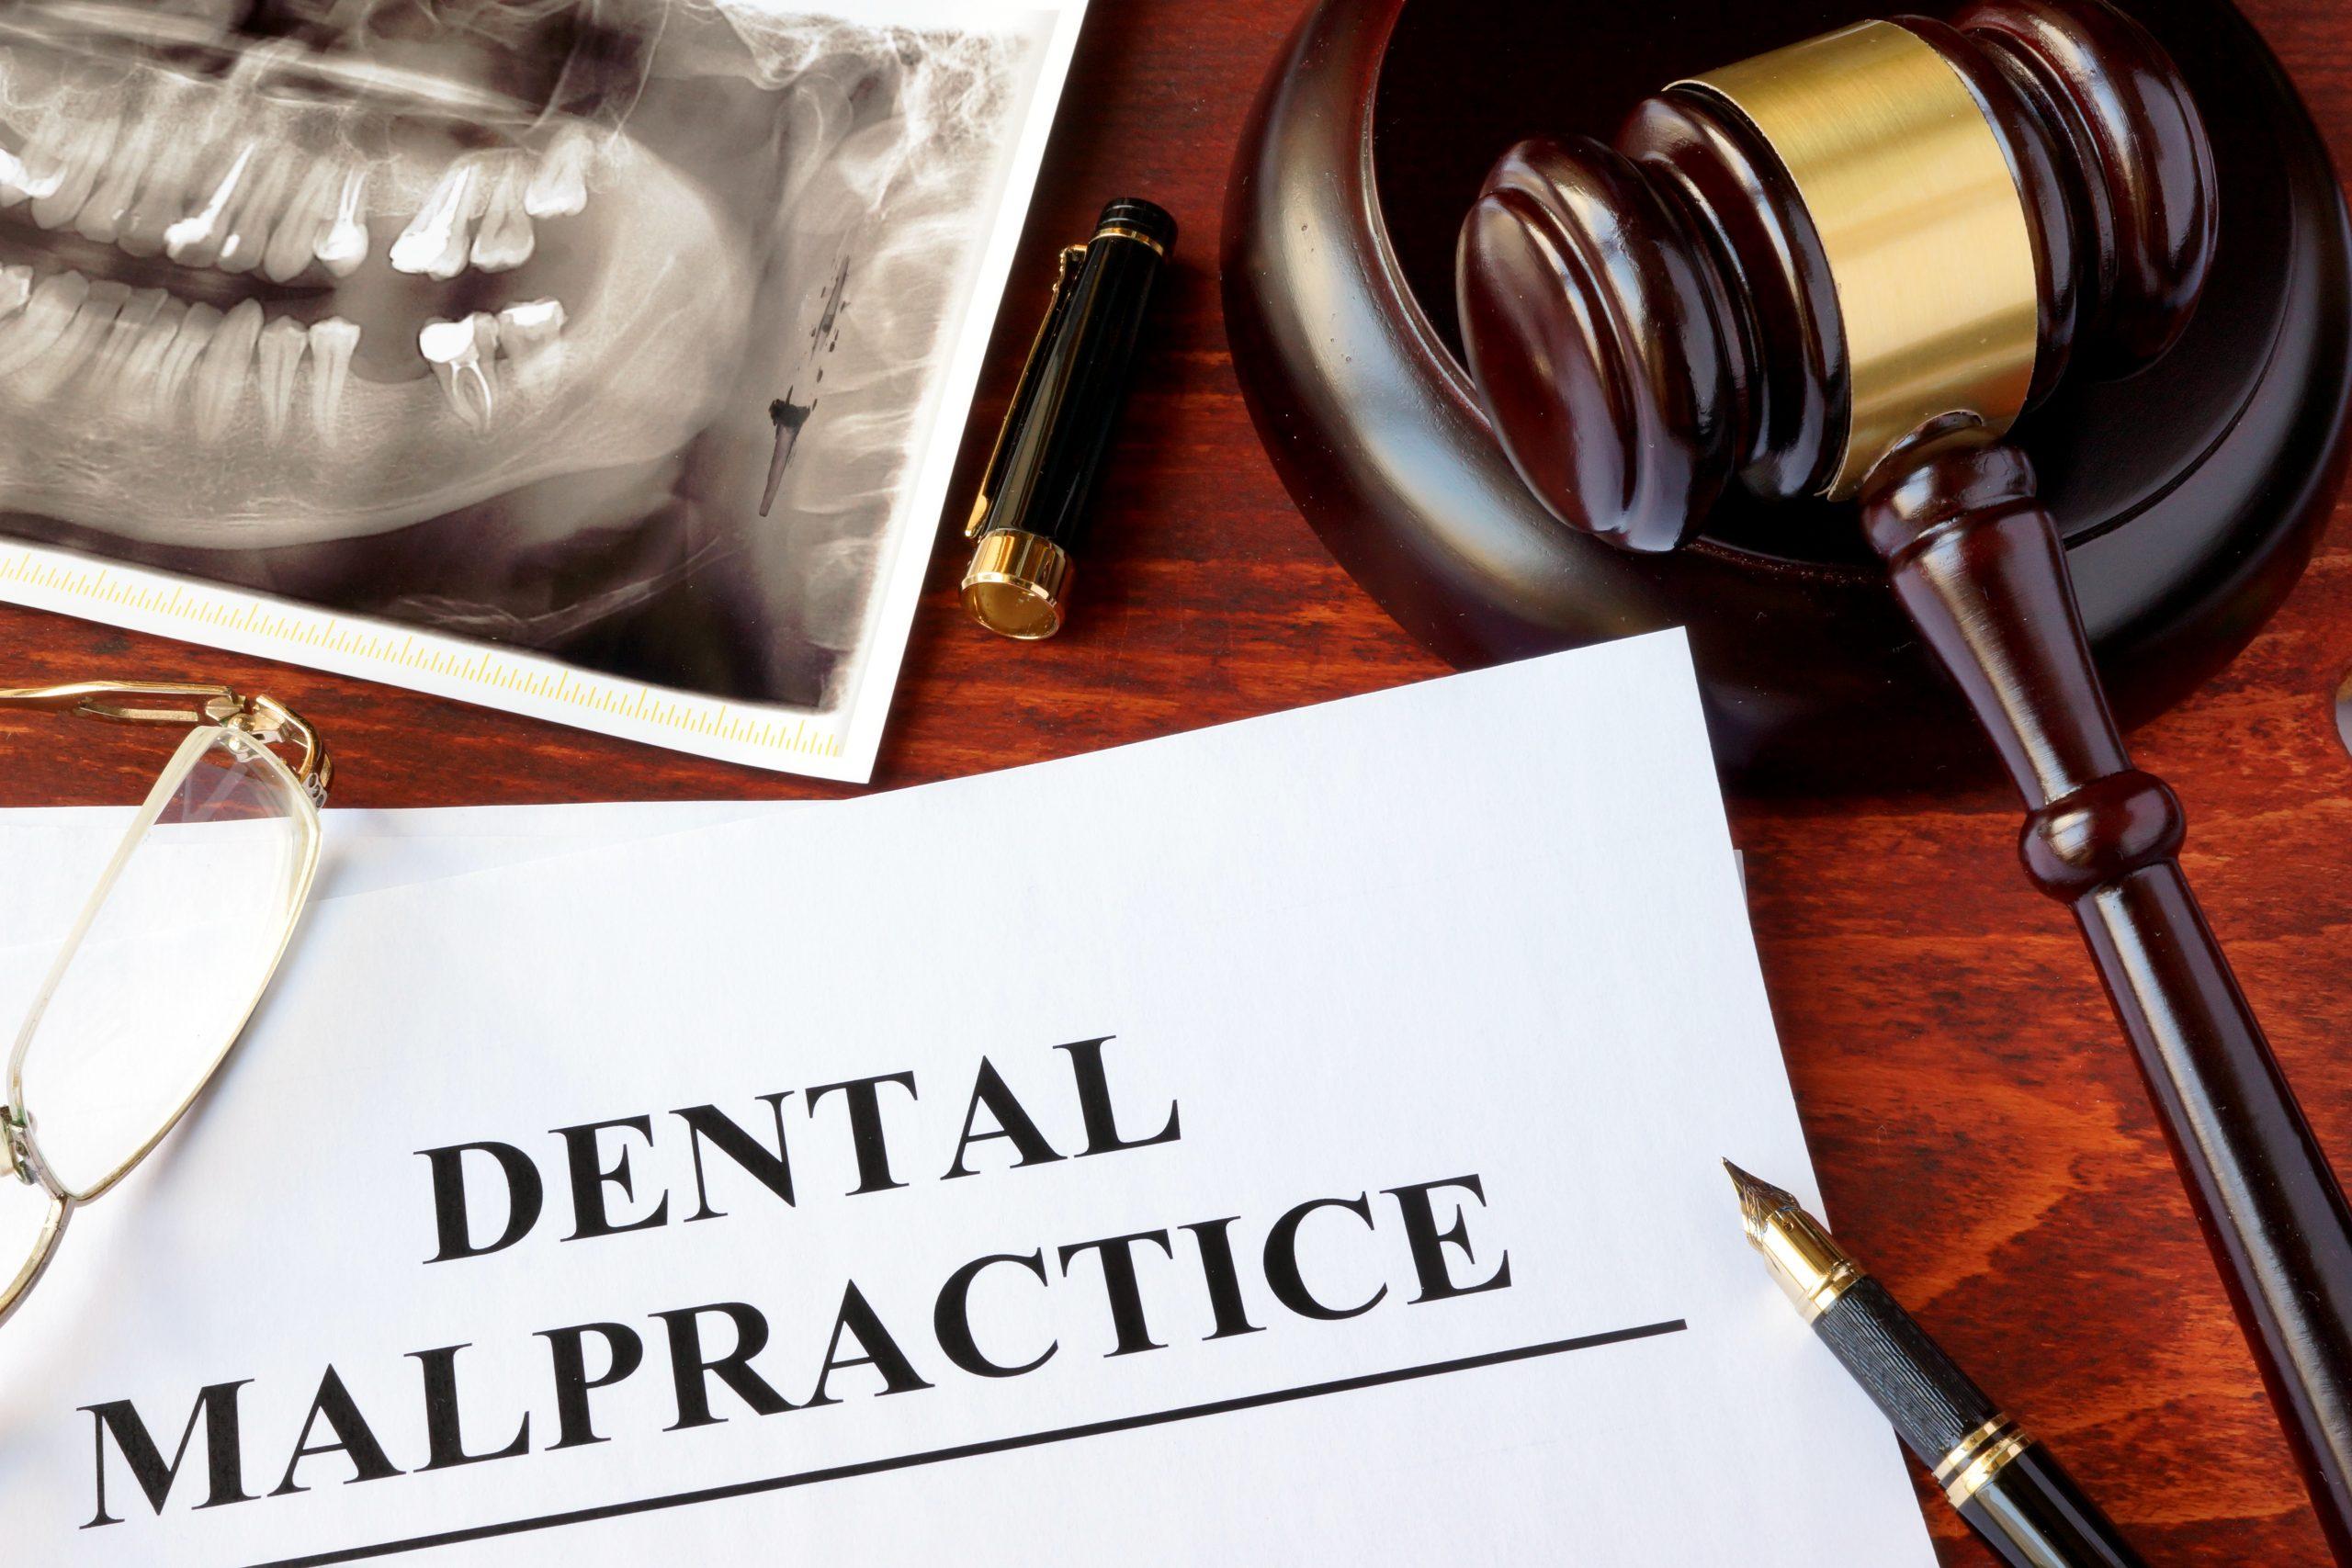 Dental Malpractice